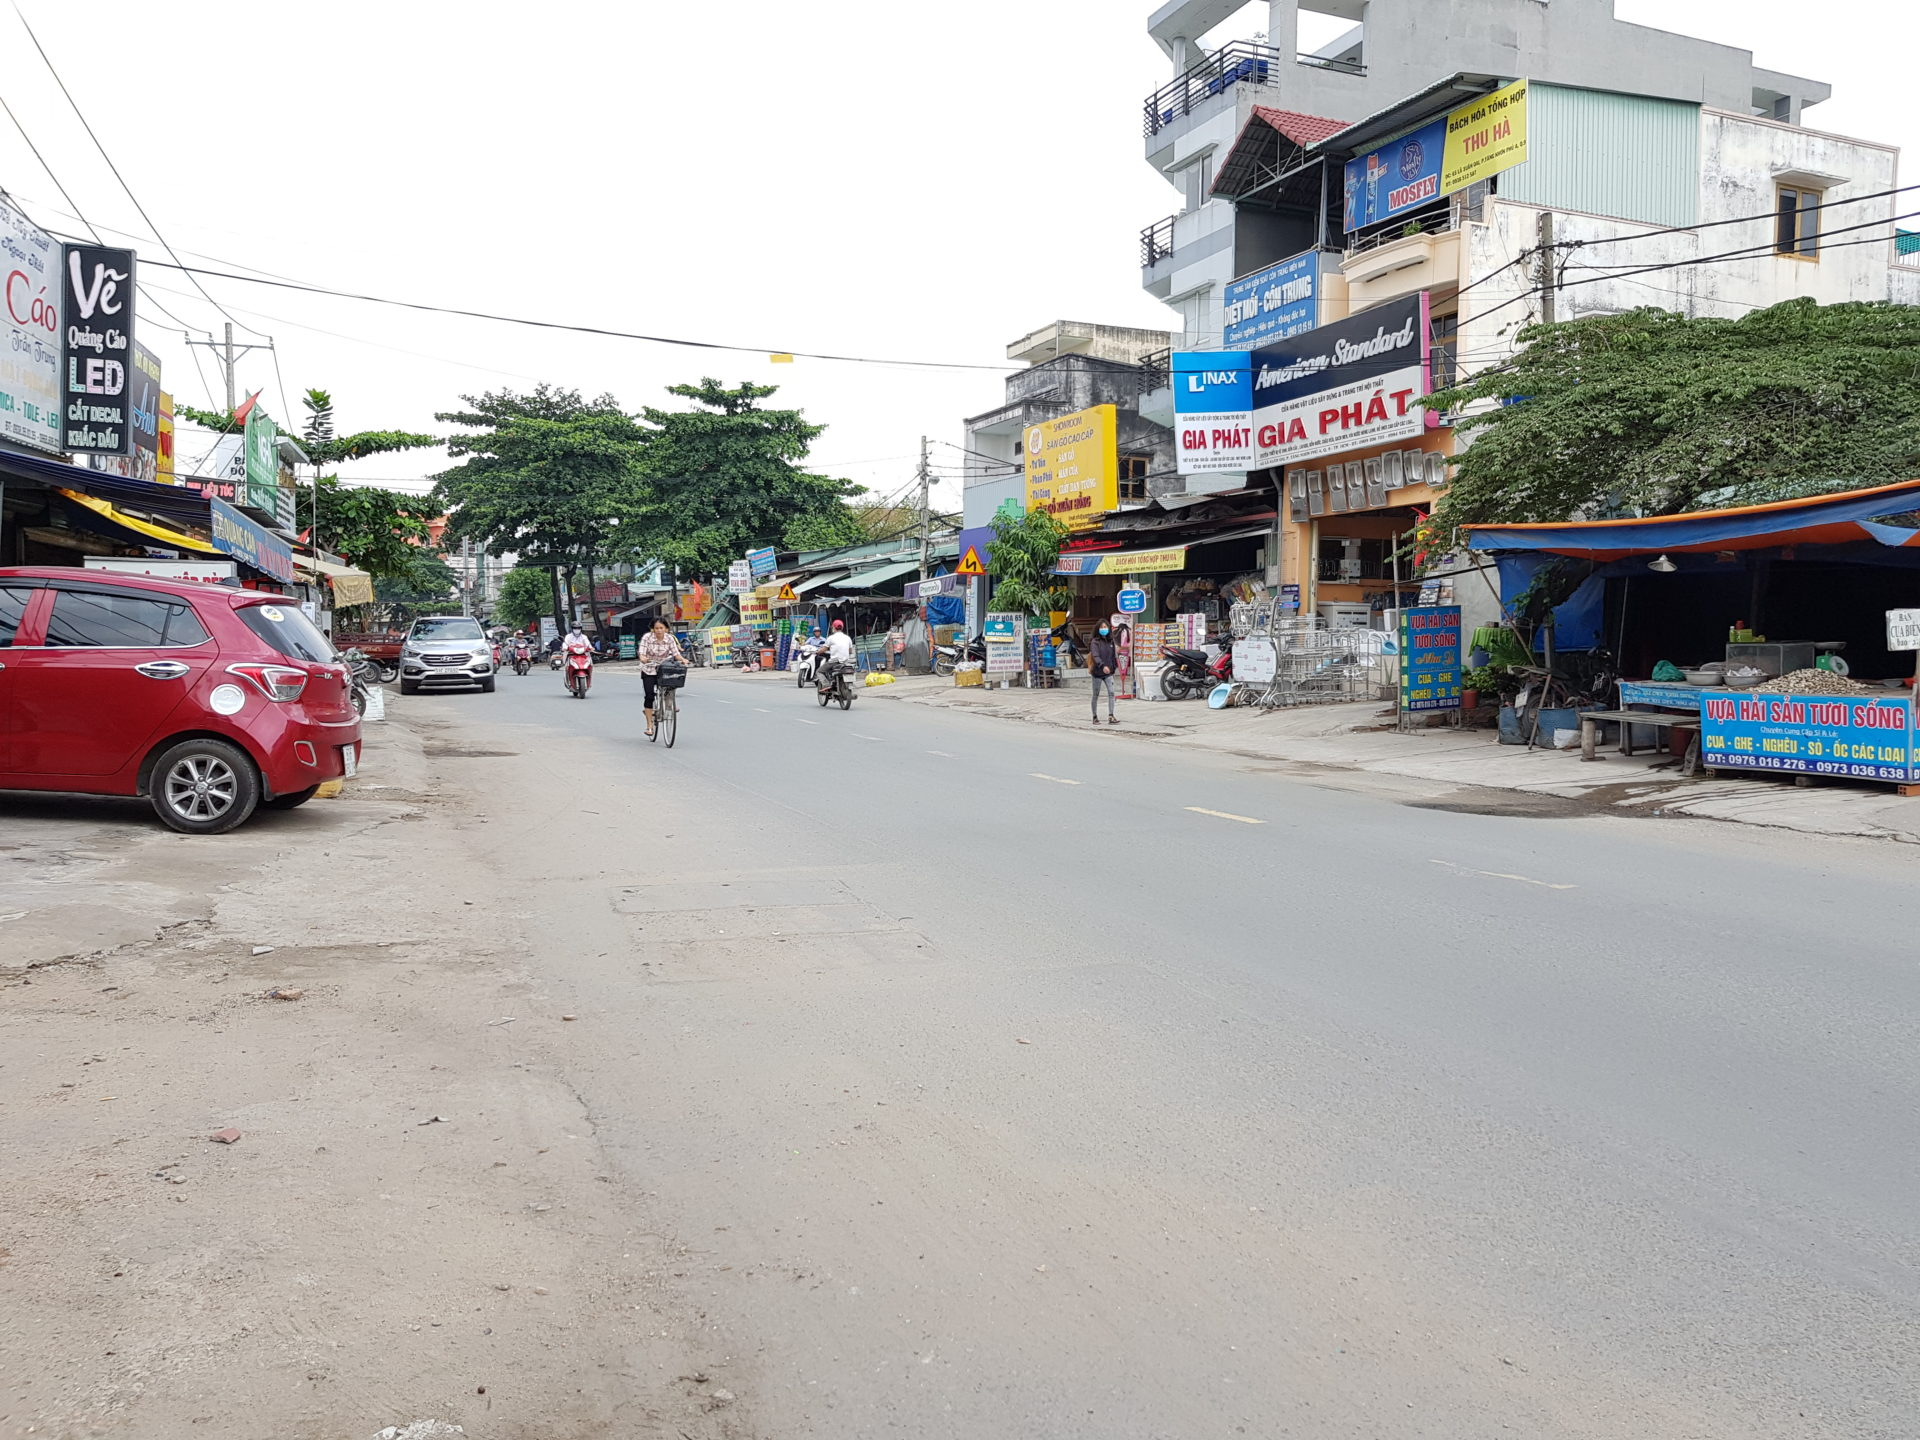 Đất Mặt Tiền Quận 9 Đường Lã Xuân Oai Tăng Nhơn Phú A, Vị Trí 2 Mặt Tiền Đường. Giá Cực Rẻ DT Cực Đẹp 225m2